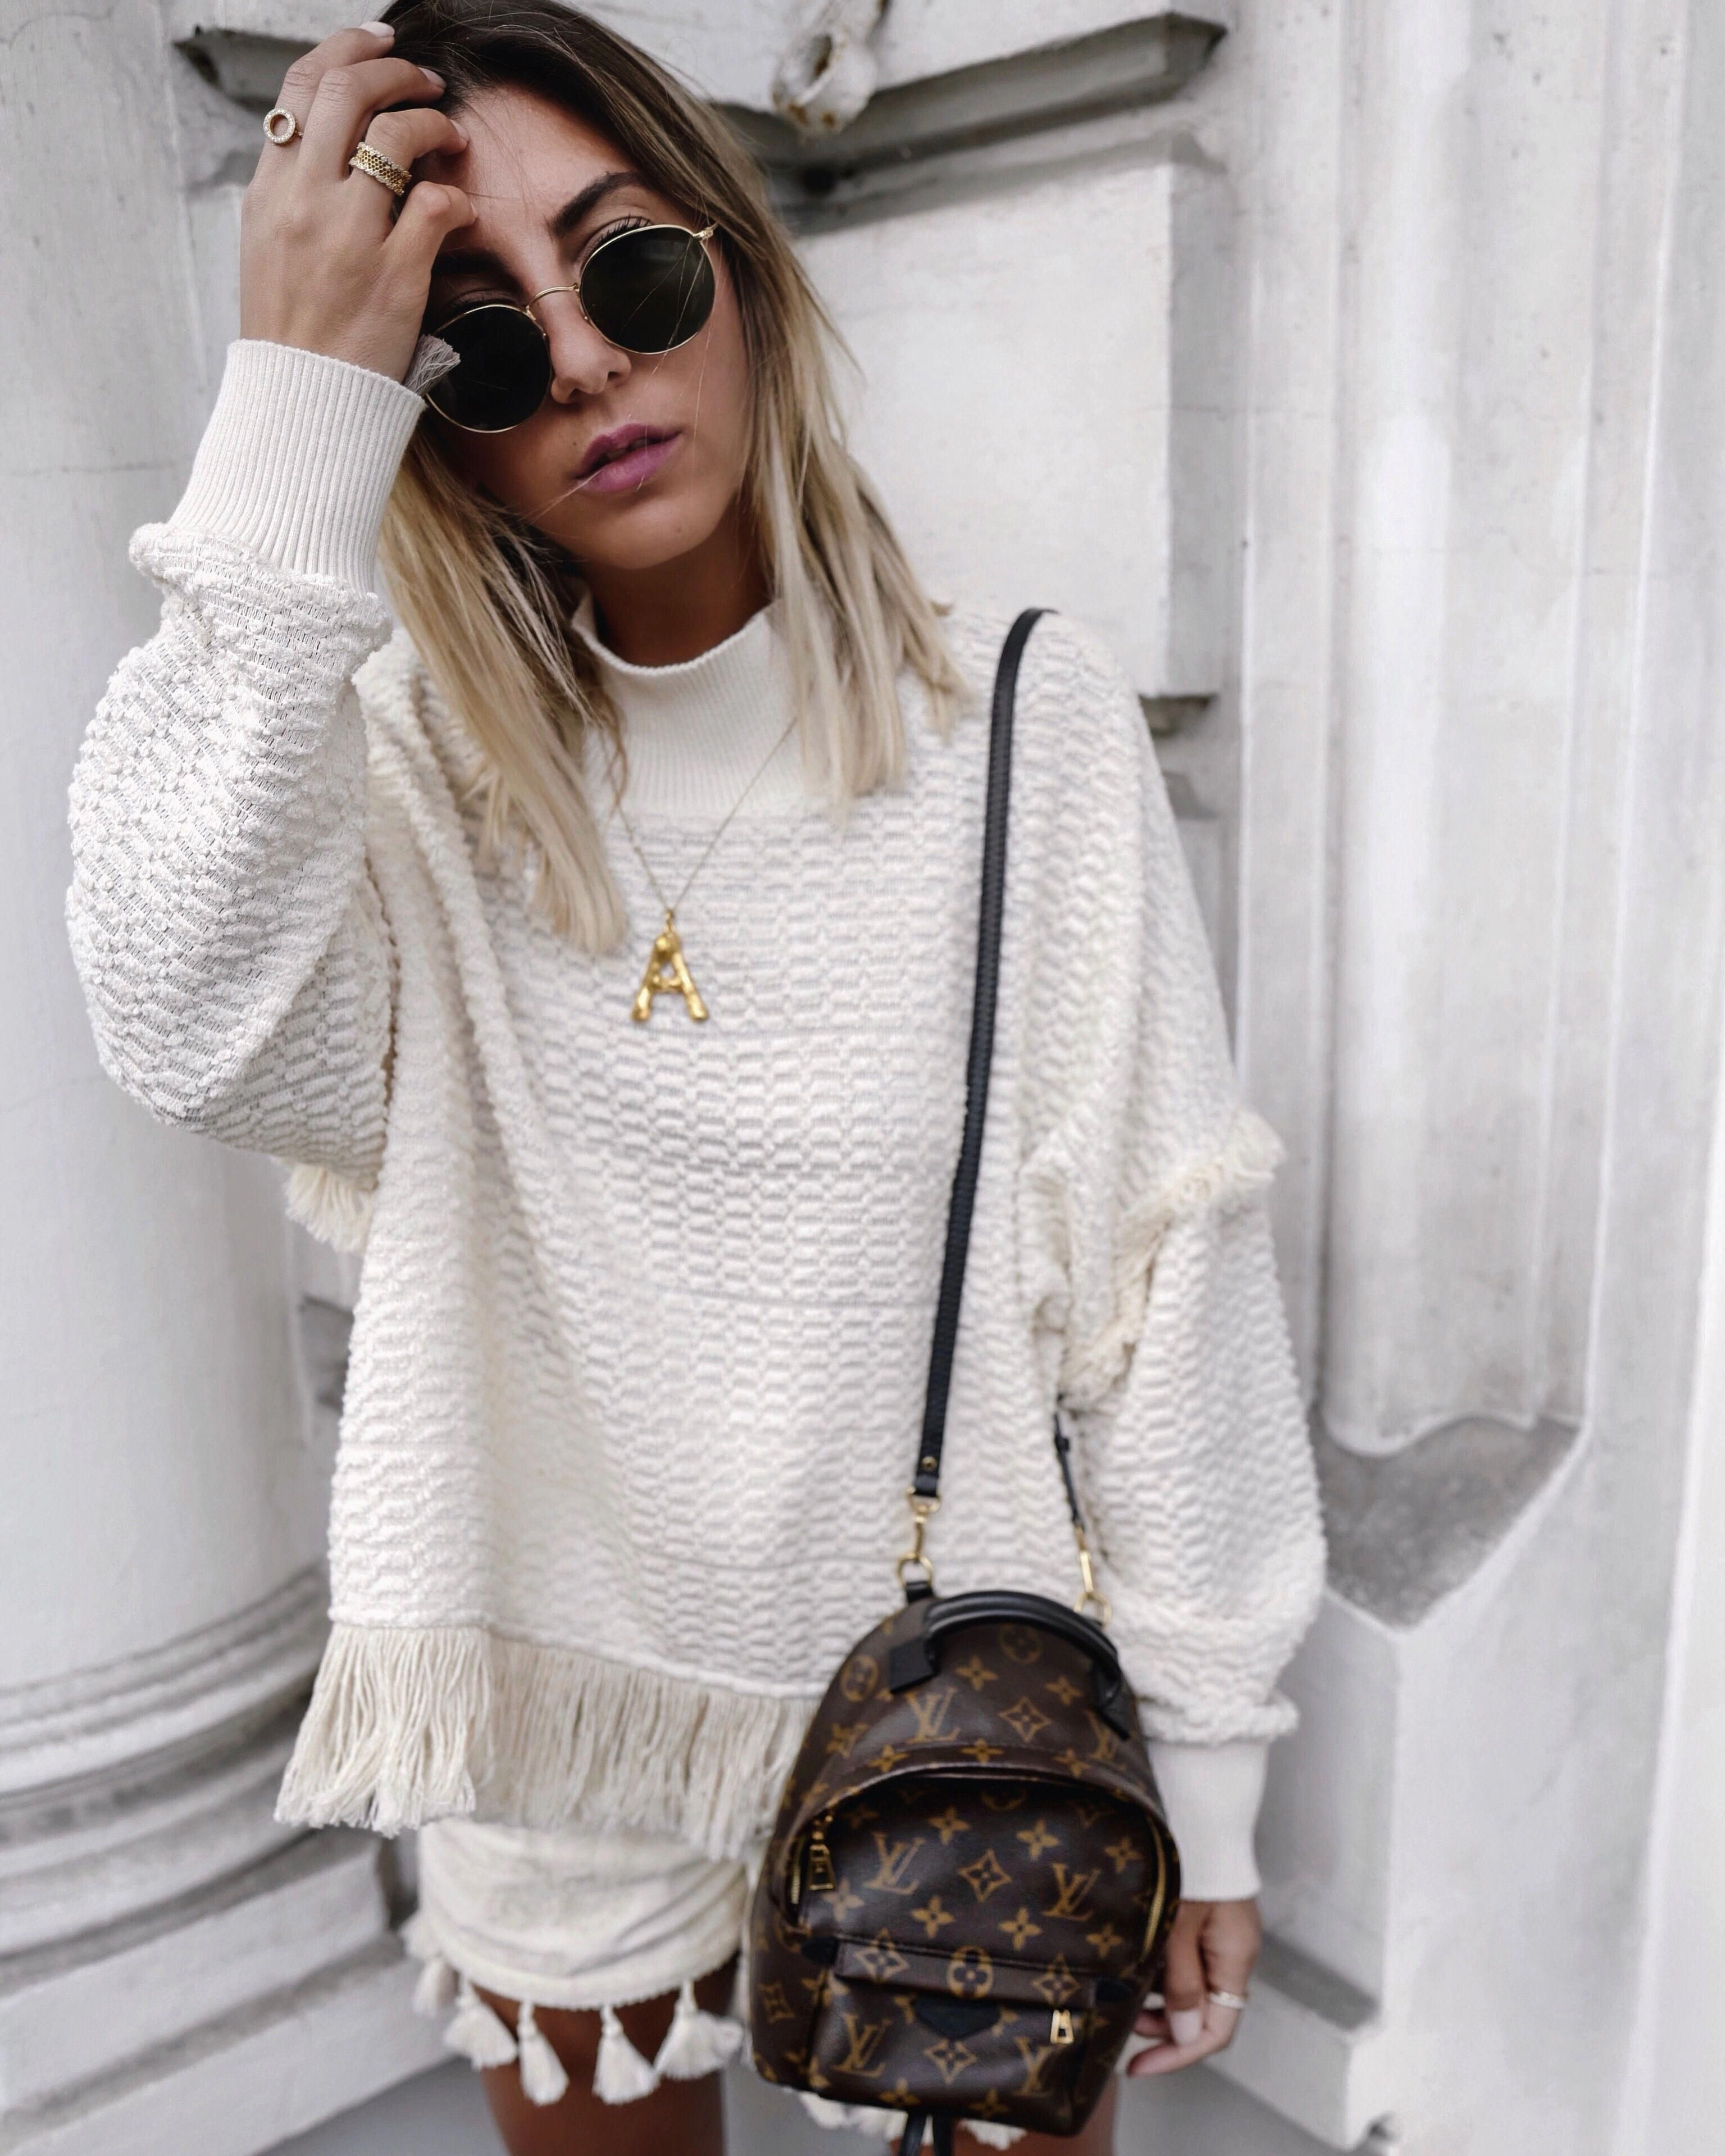 ecea3fdd3d4 Louis Vuitton palm spring backpack mini   Celine necklace   Louisvuittonhandbags